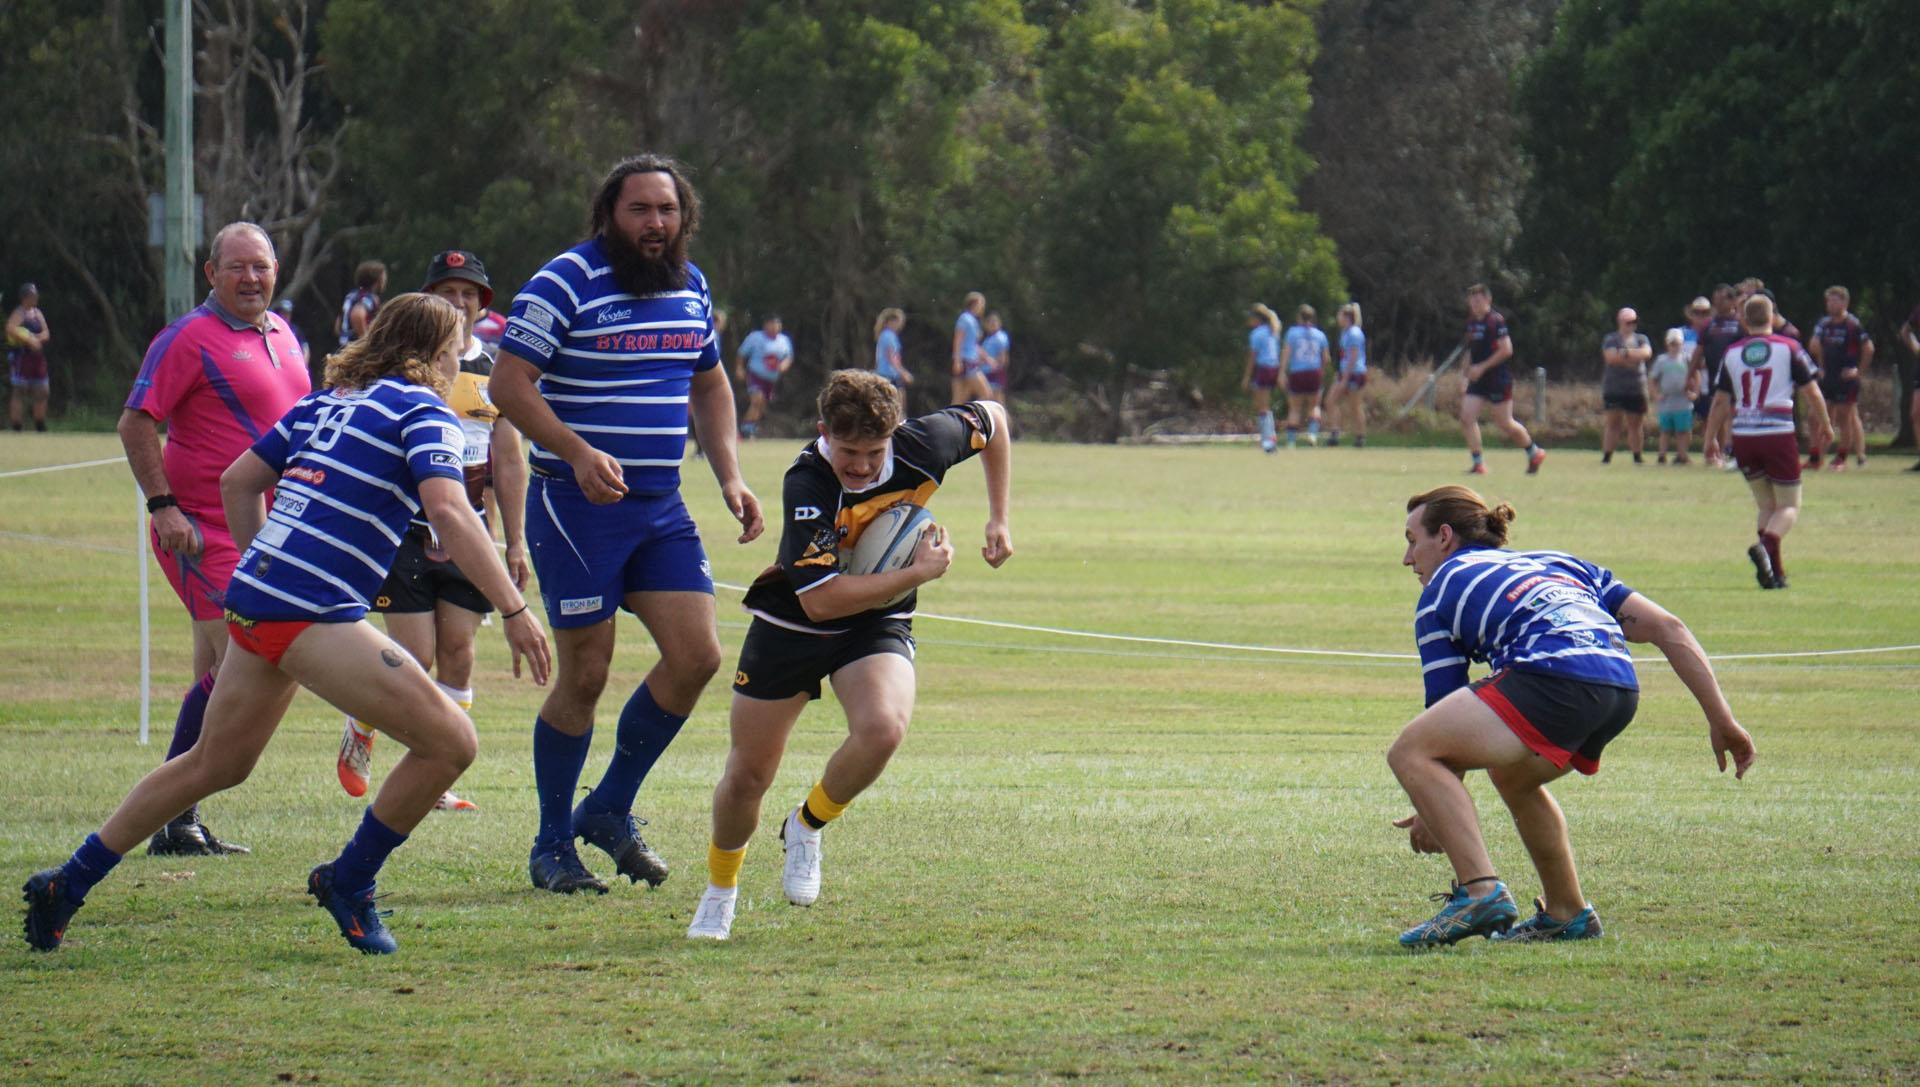 191019-20_Byron Bay Rugby 7s 2019_4